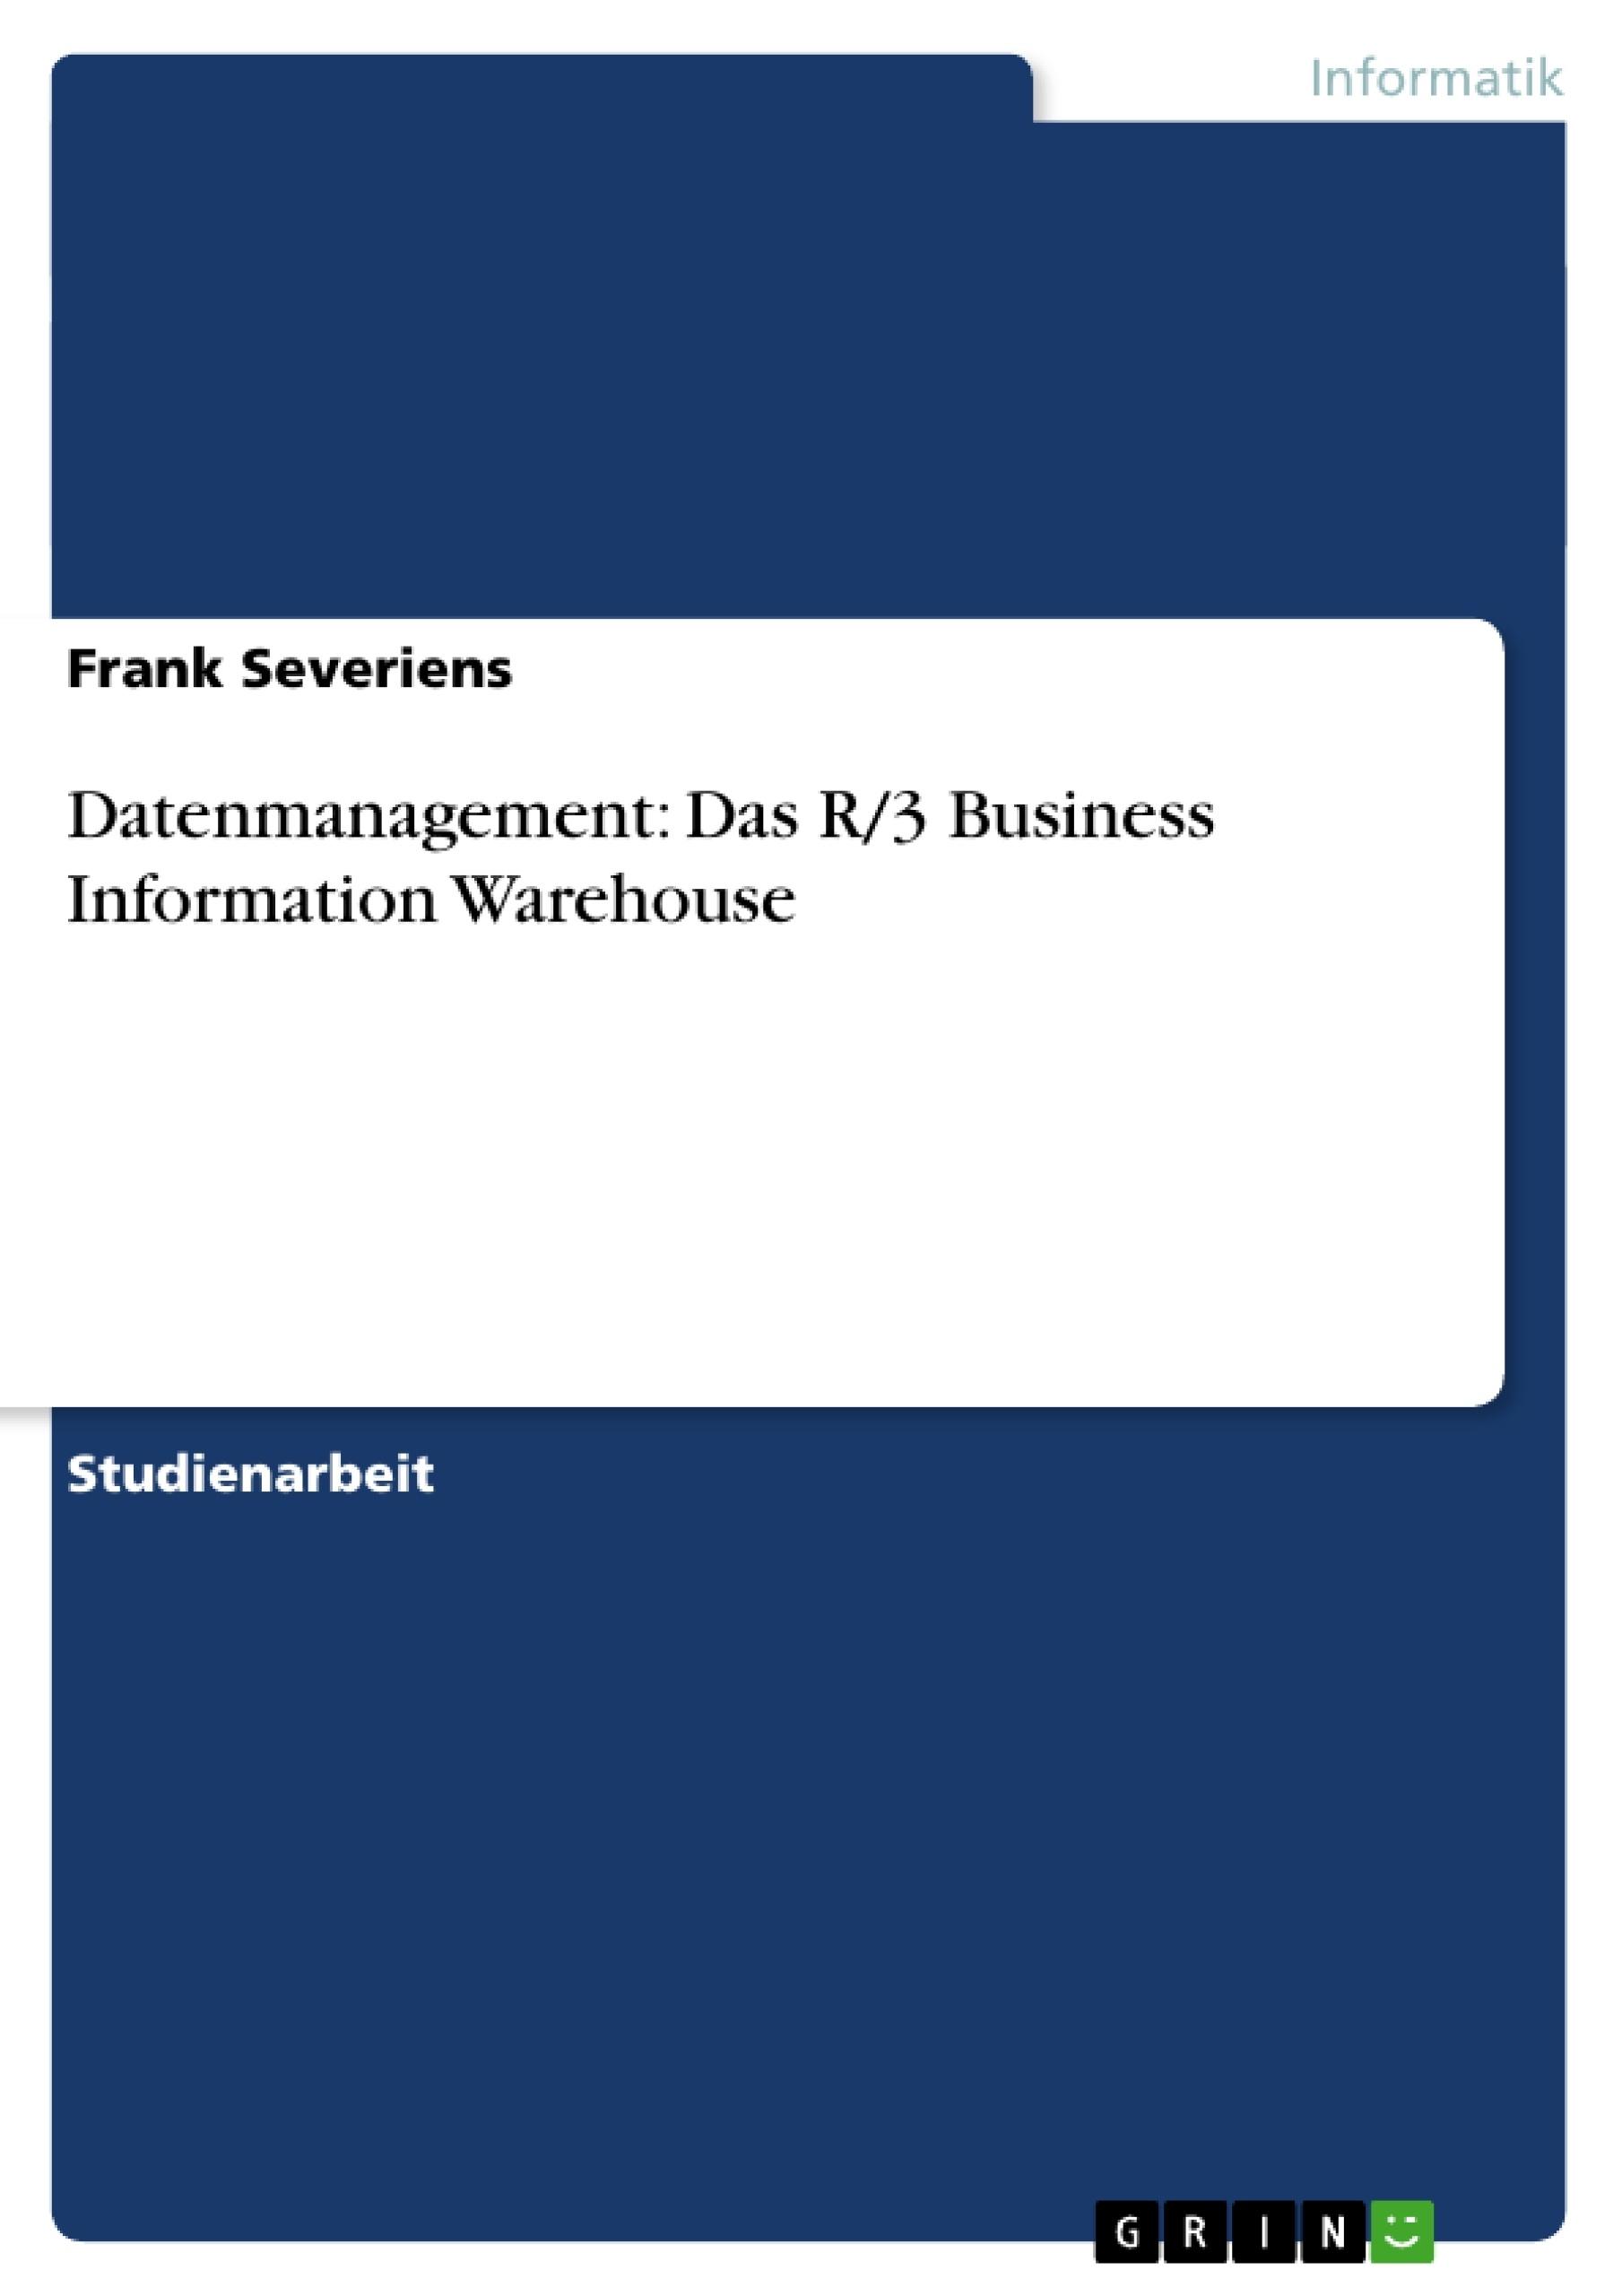 Titel: Datenmanagement: Das R/3 Business Information Warehouse